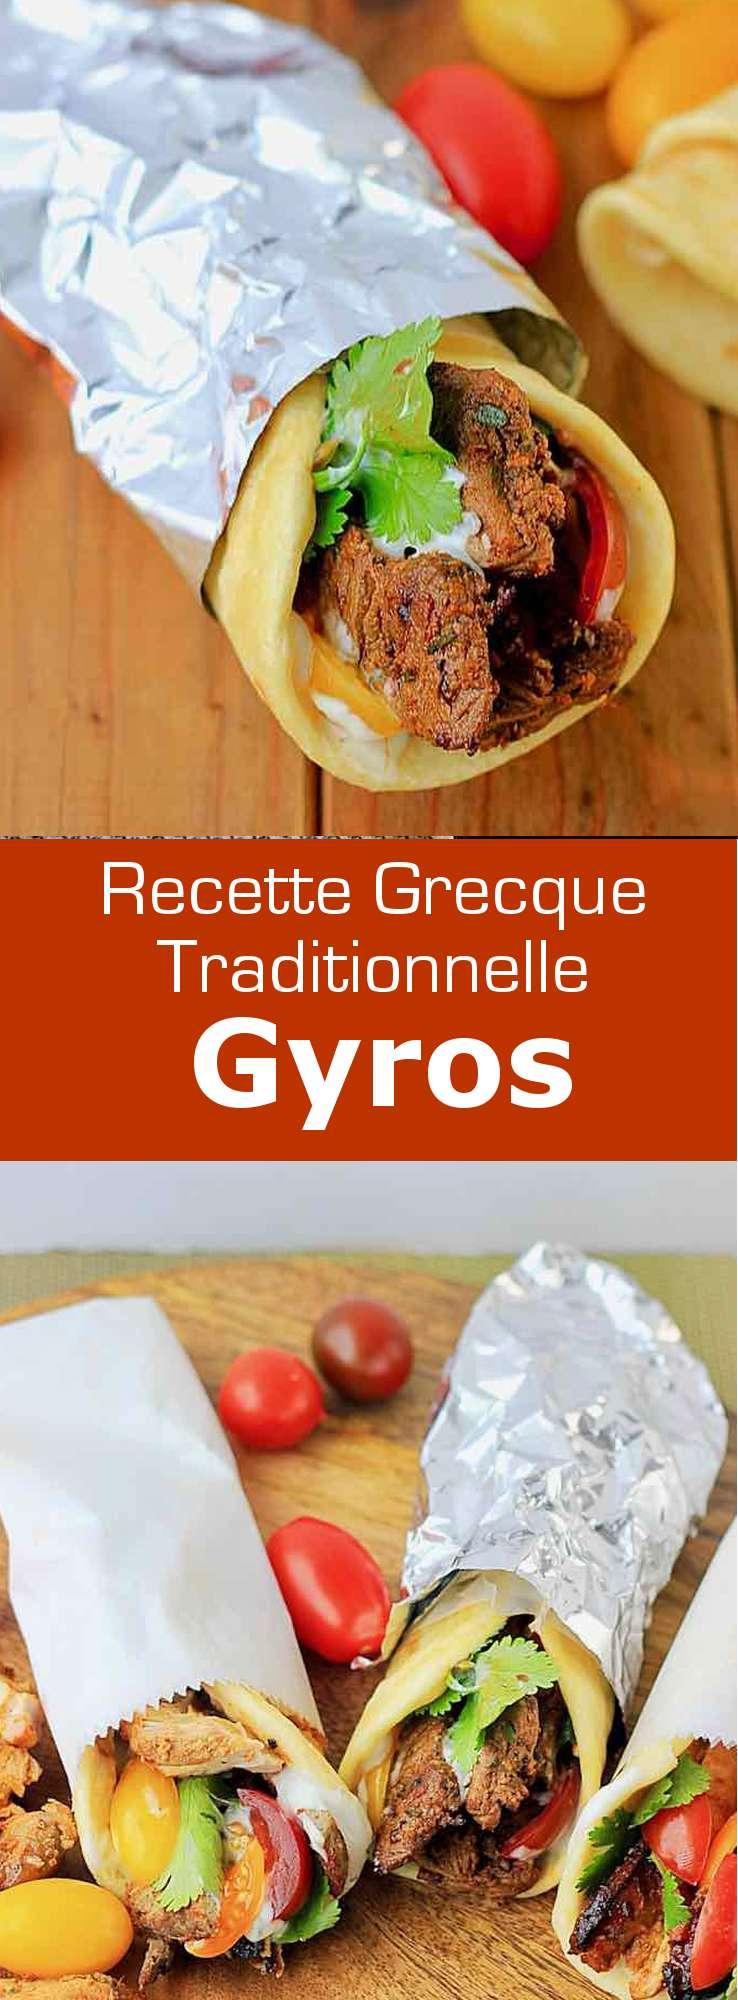 Le gyros (sandwich grec) est un plat emblématique de Grèce, composé de porc, poulet, bœuf ou agneau, tomate, oignon et tzatzíki, servi avec de la pita. #Grece #RecetteGrecque #CuisineGrecque #CuisineMediterraneenne #CuisineDuMonde #196flavors